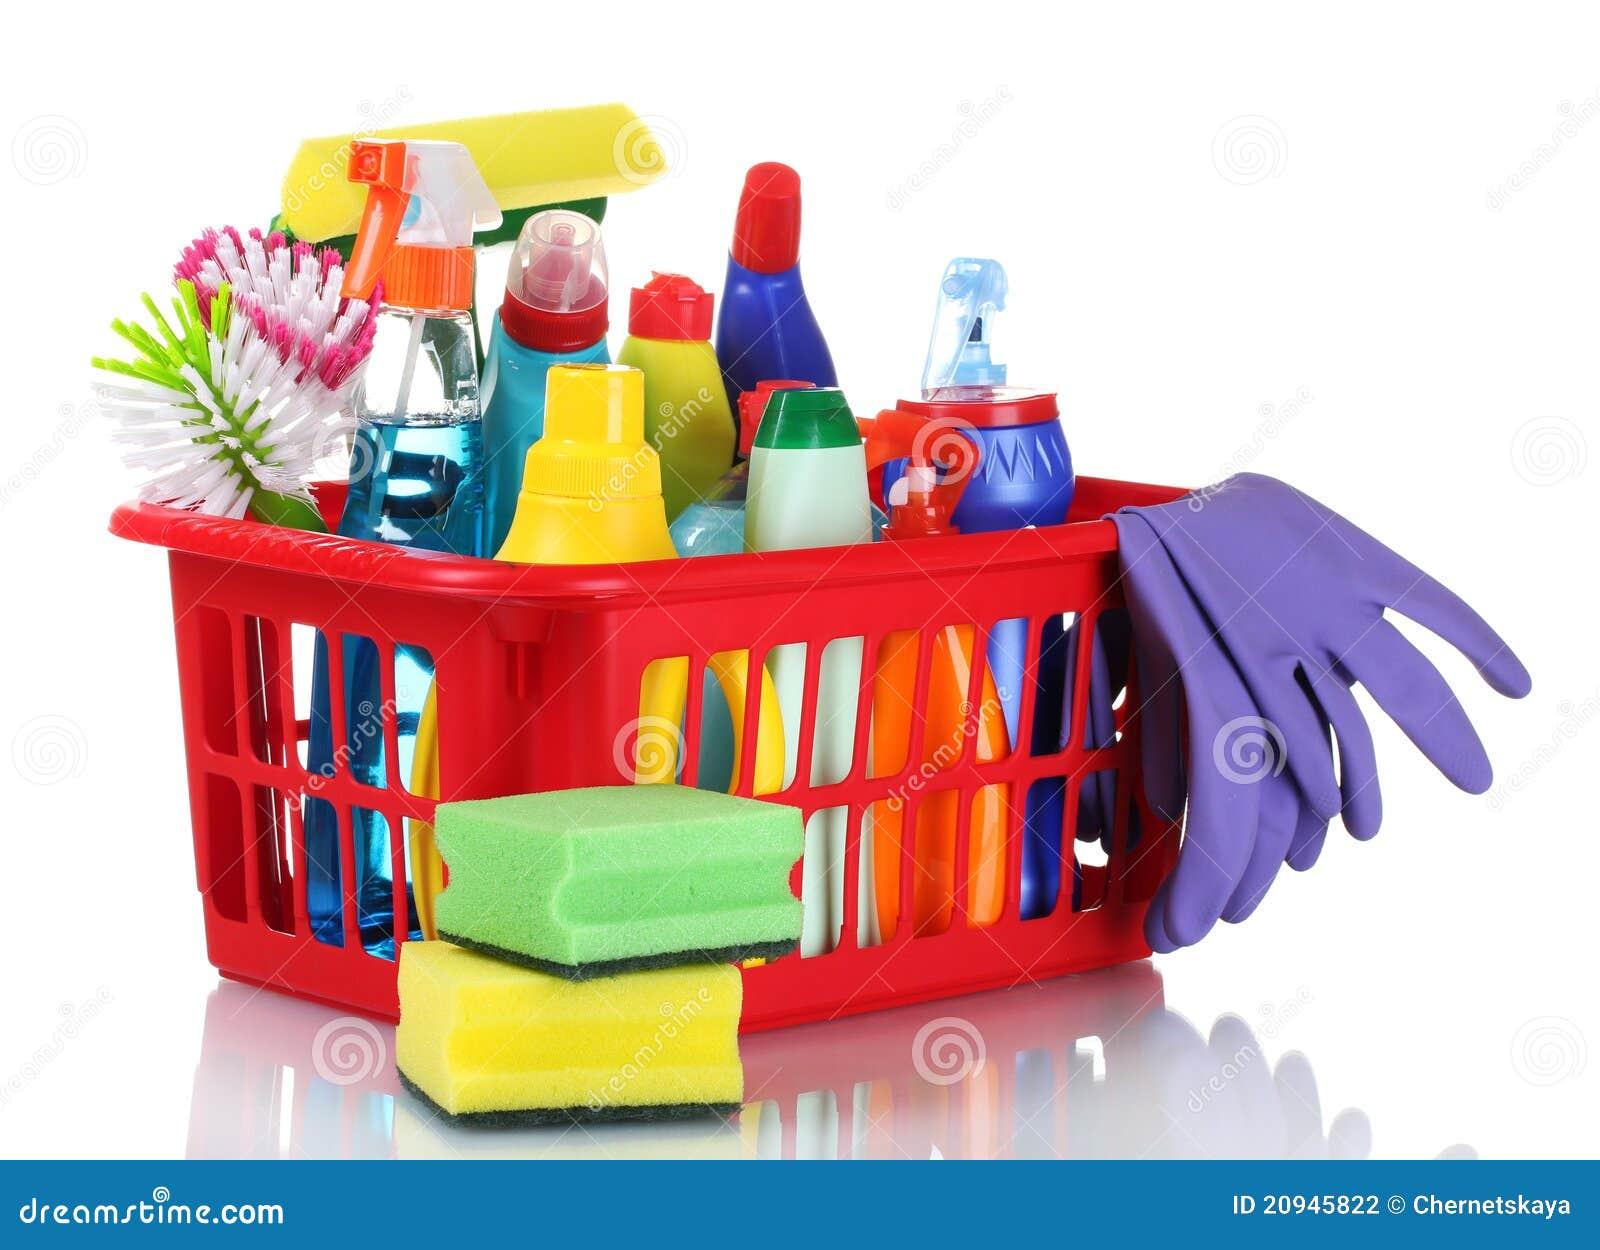 Caixa cheia de fontes de limpeza